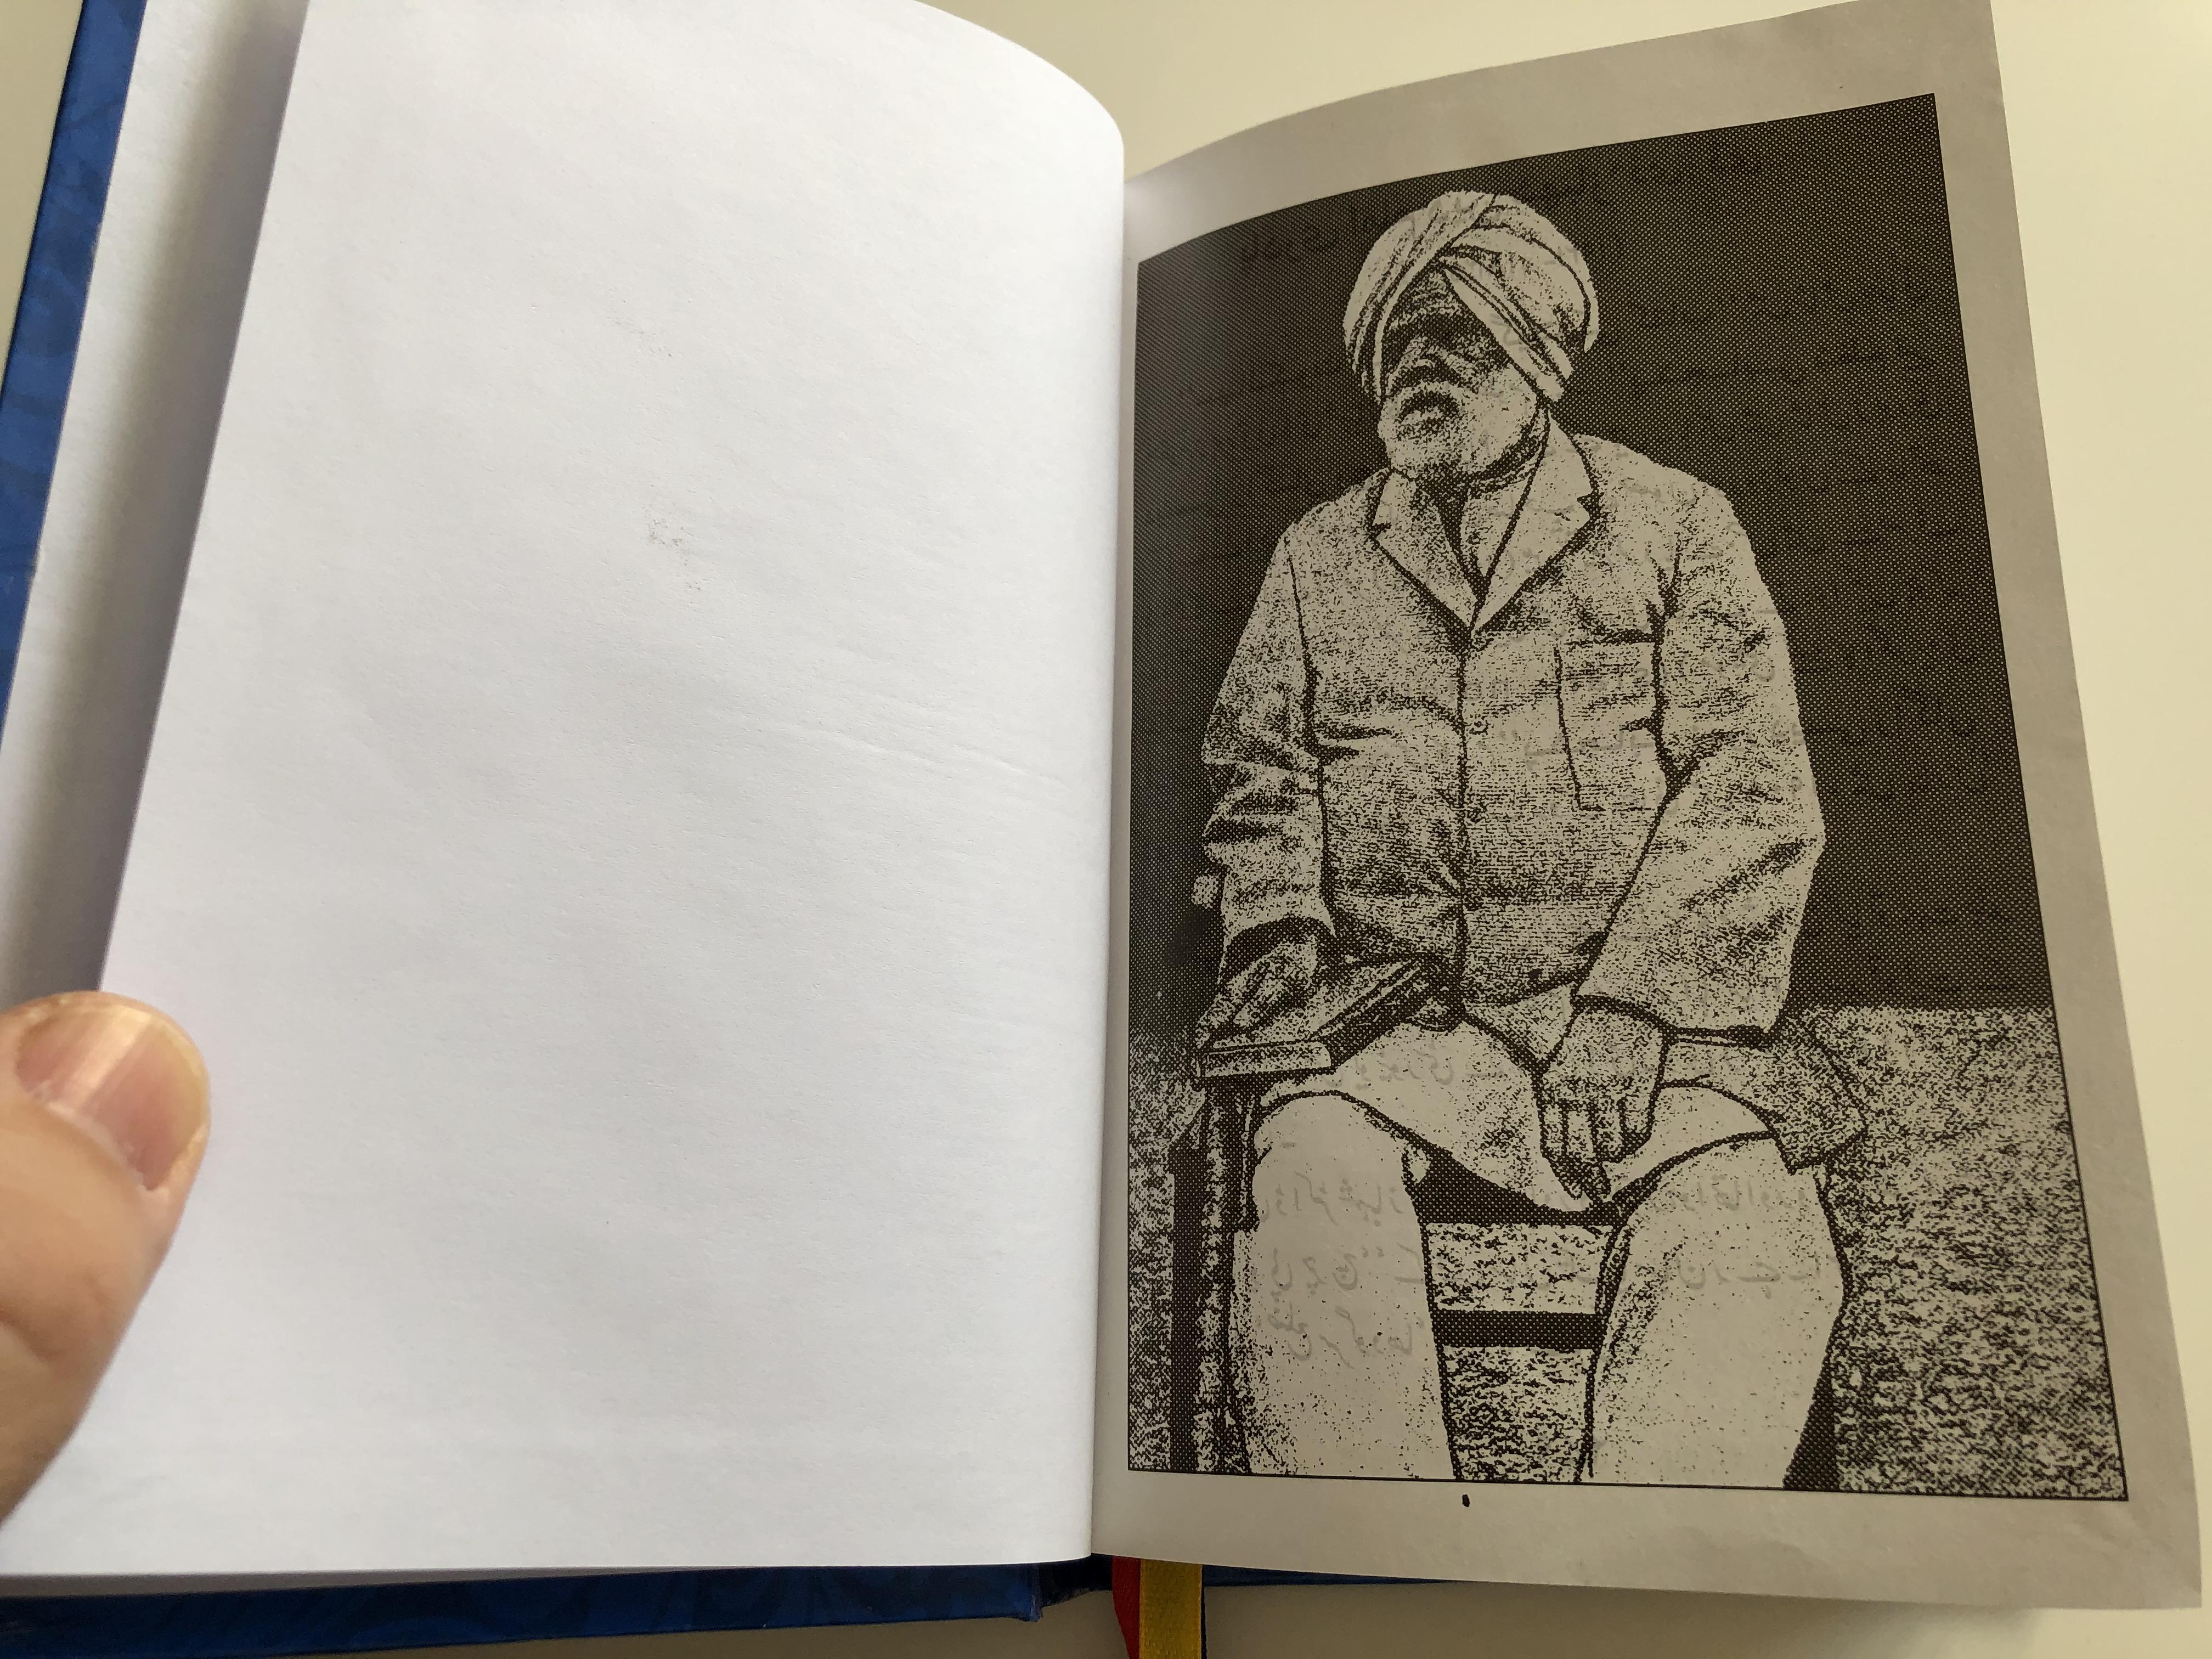 urdu-language-sialkot-chrisitian-hymnal-and-song-book-nirali-kitaben-15-.jpg